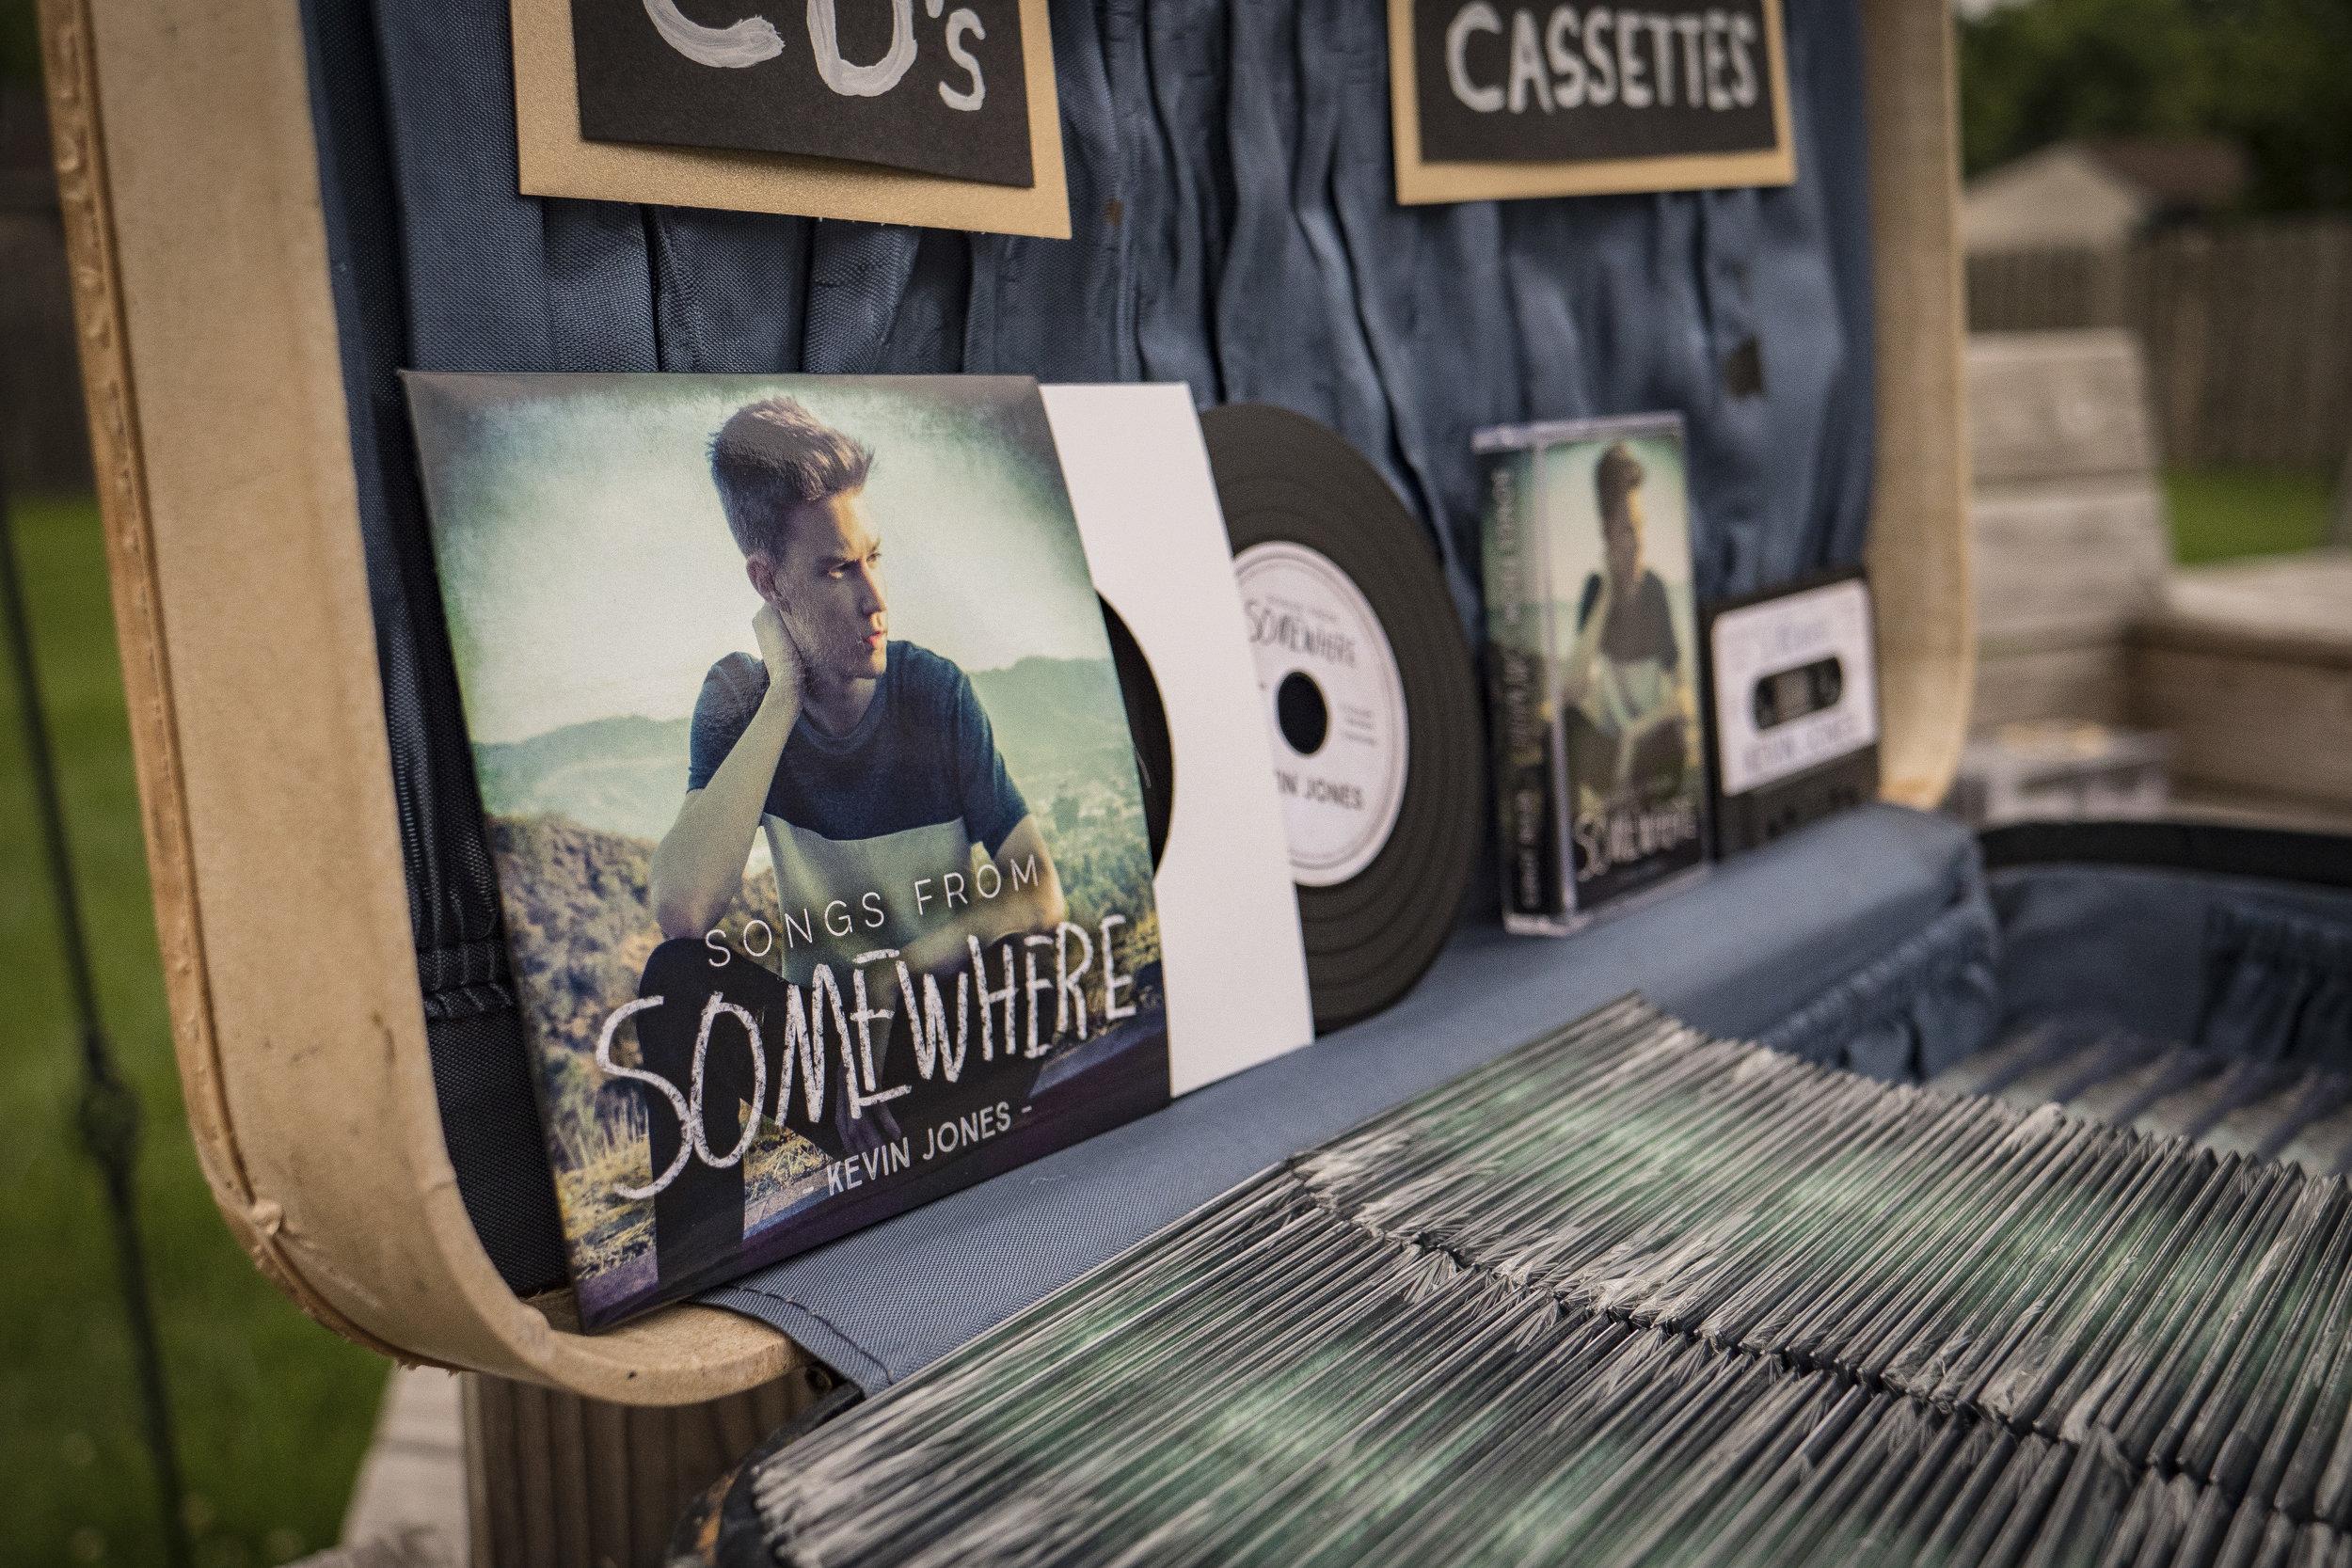 CD's & Cassettes